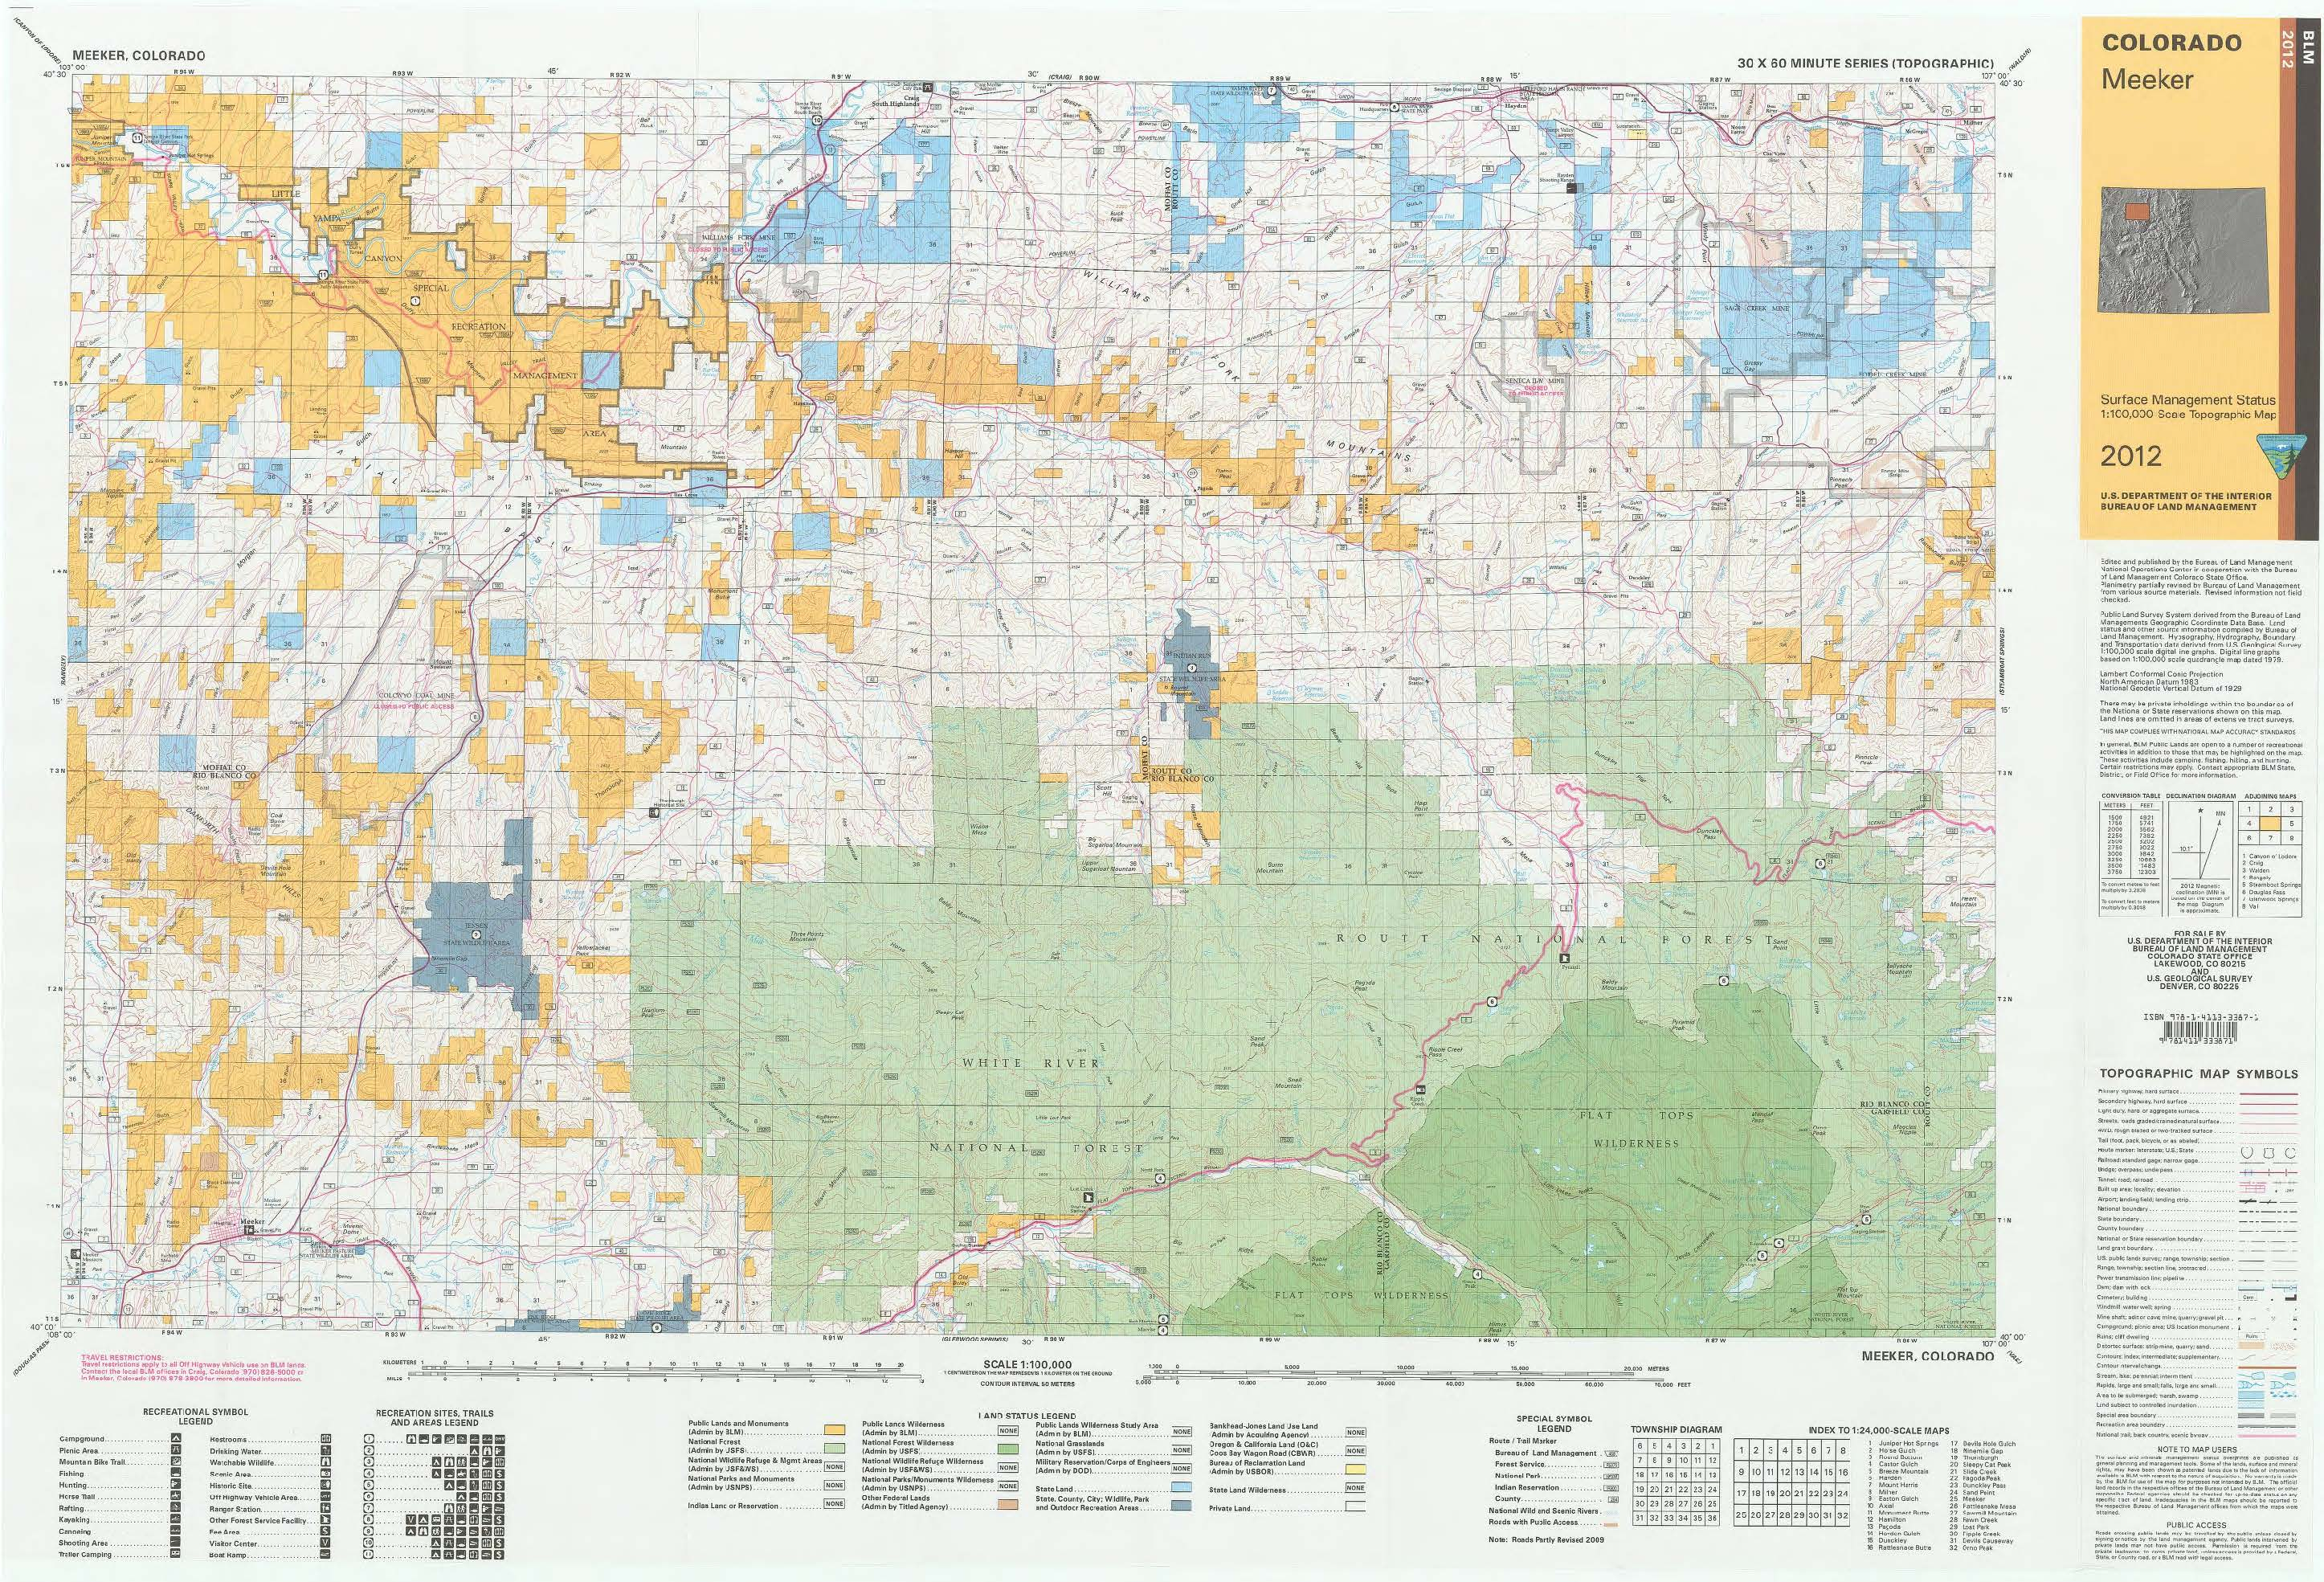 Blm Colorado Map CO Surface Management Status Meeker Map | Bureau of Land Management